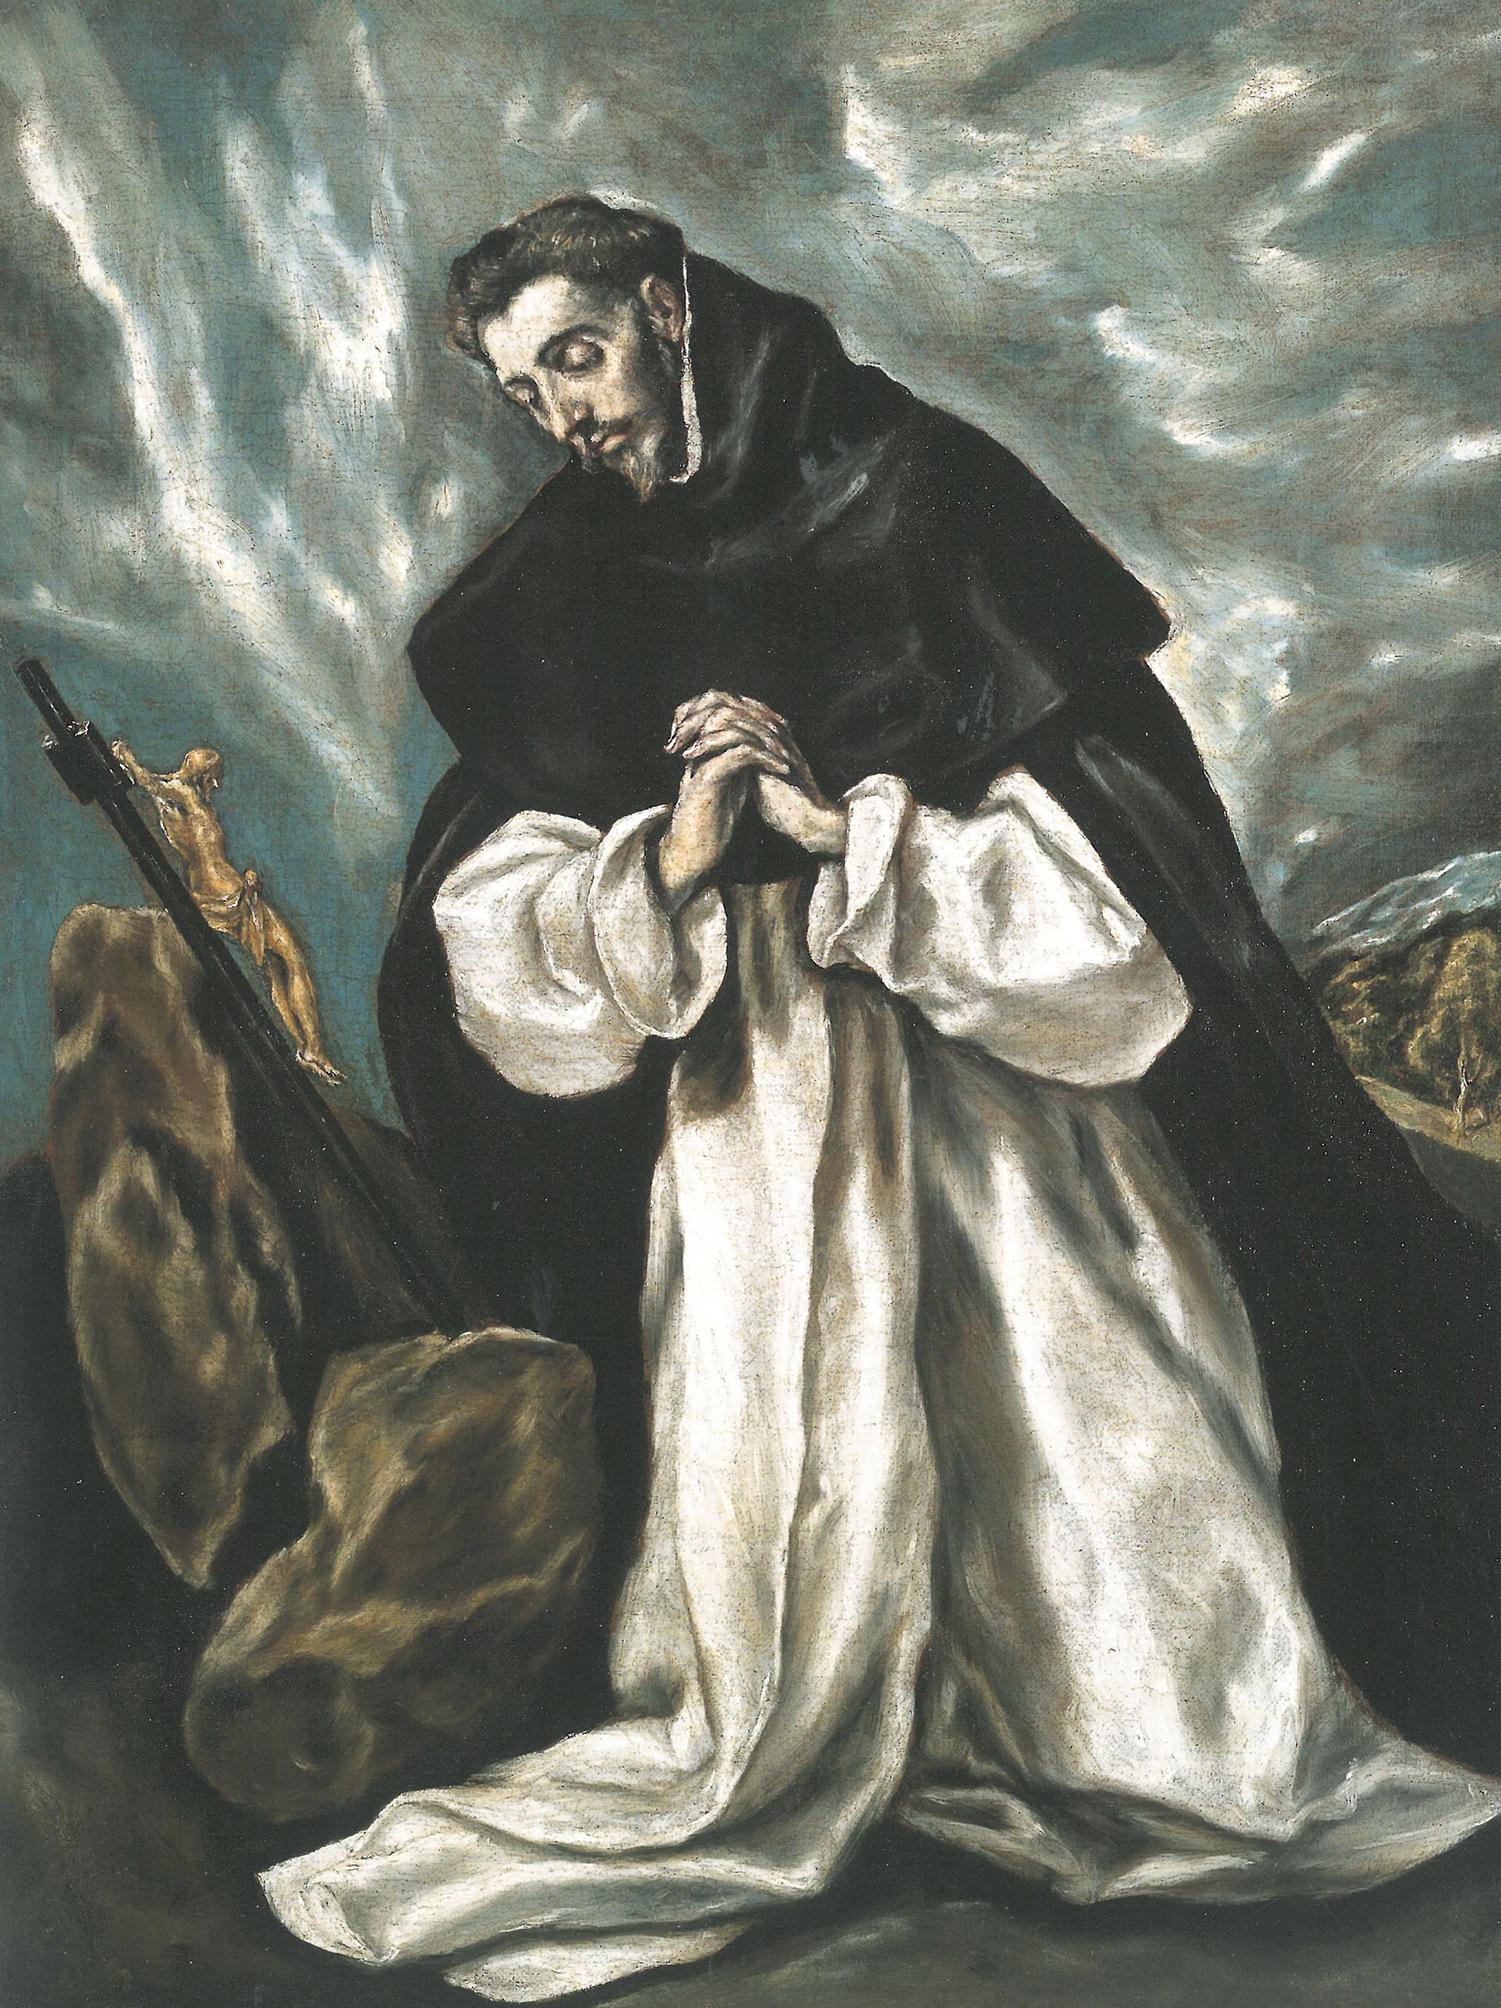 El Greco, récord de pintura antigua española >> Con arte y